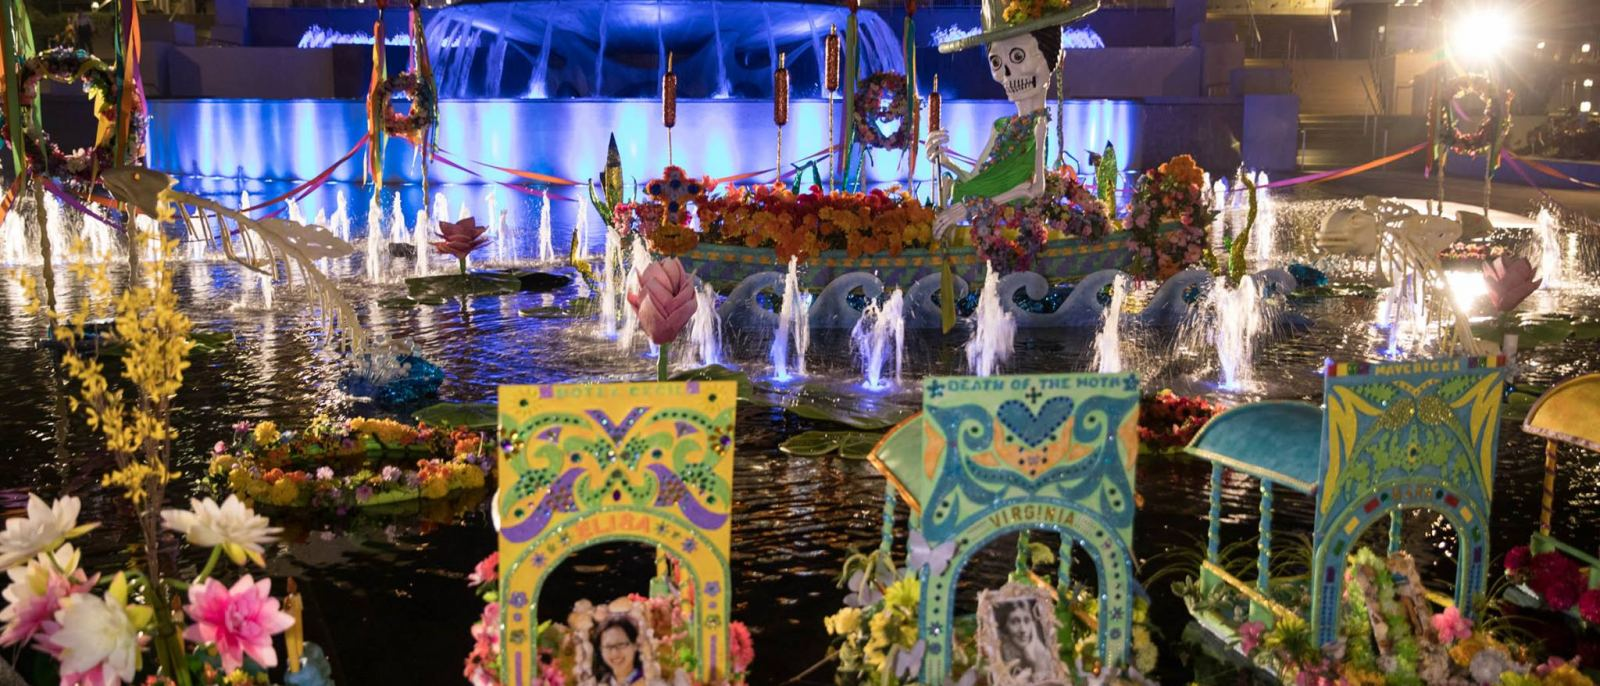 Downtown Día de los Muertos at Grand Park